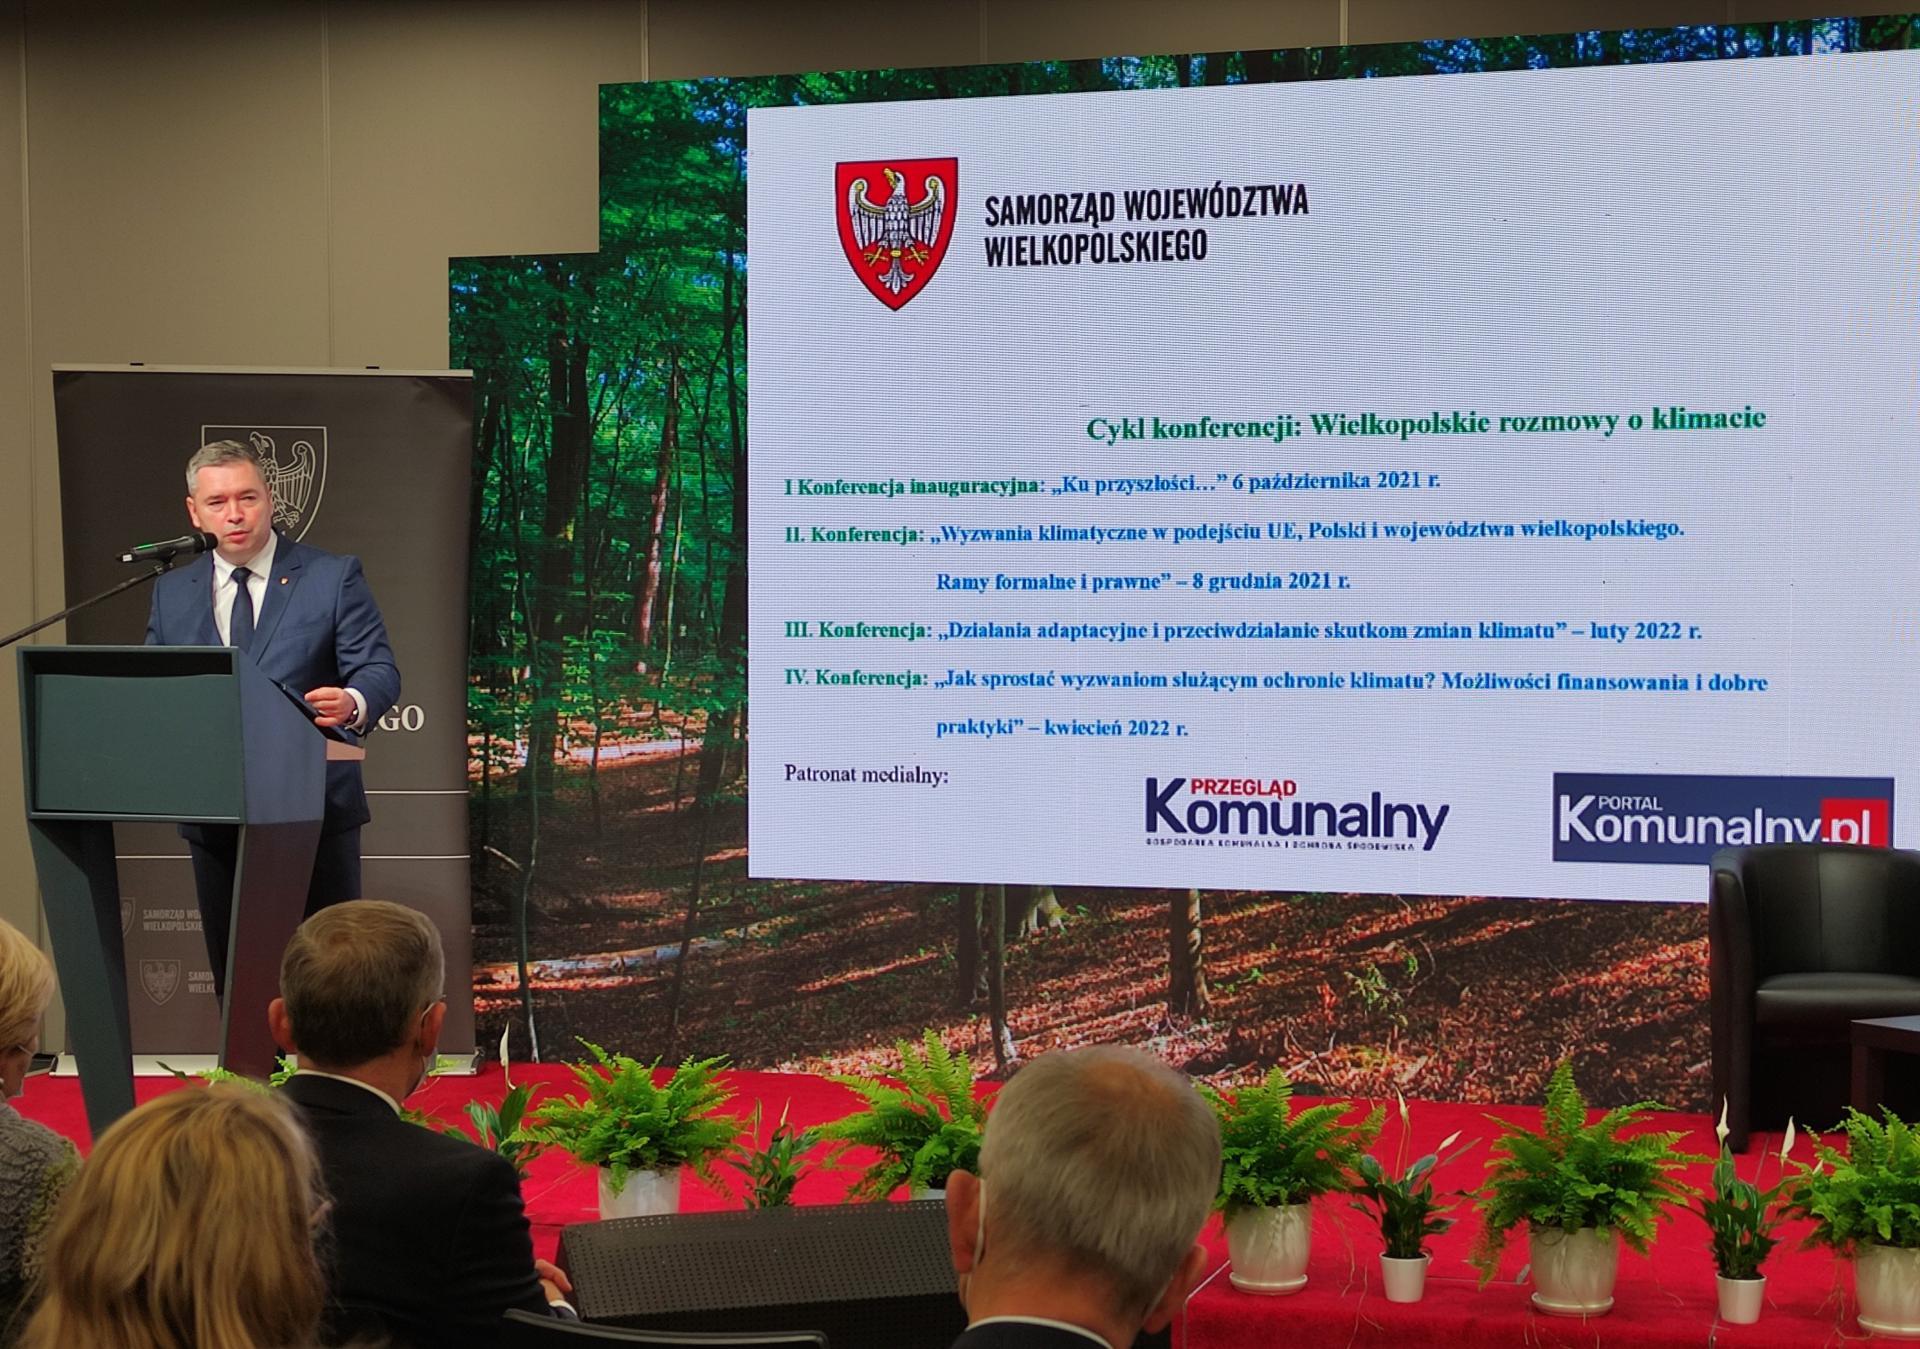 Ku przyszłości… rozpoczynamy Wielkopolskie rozmowy o klimacie - zobacz więcej